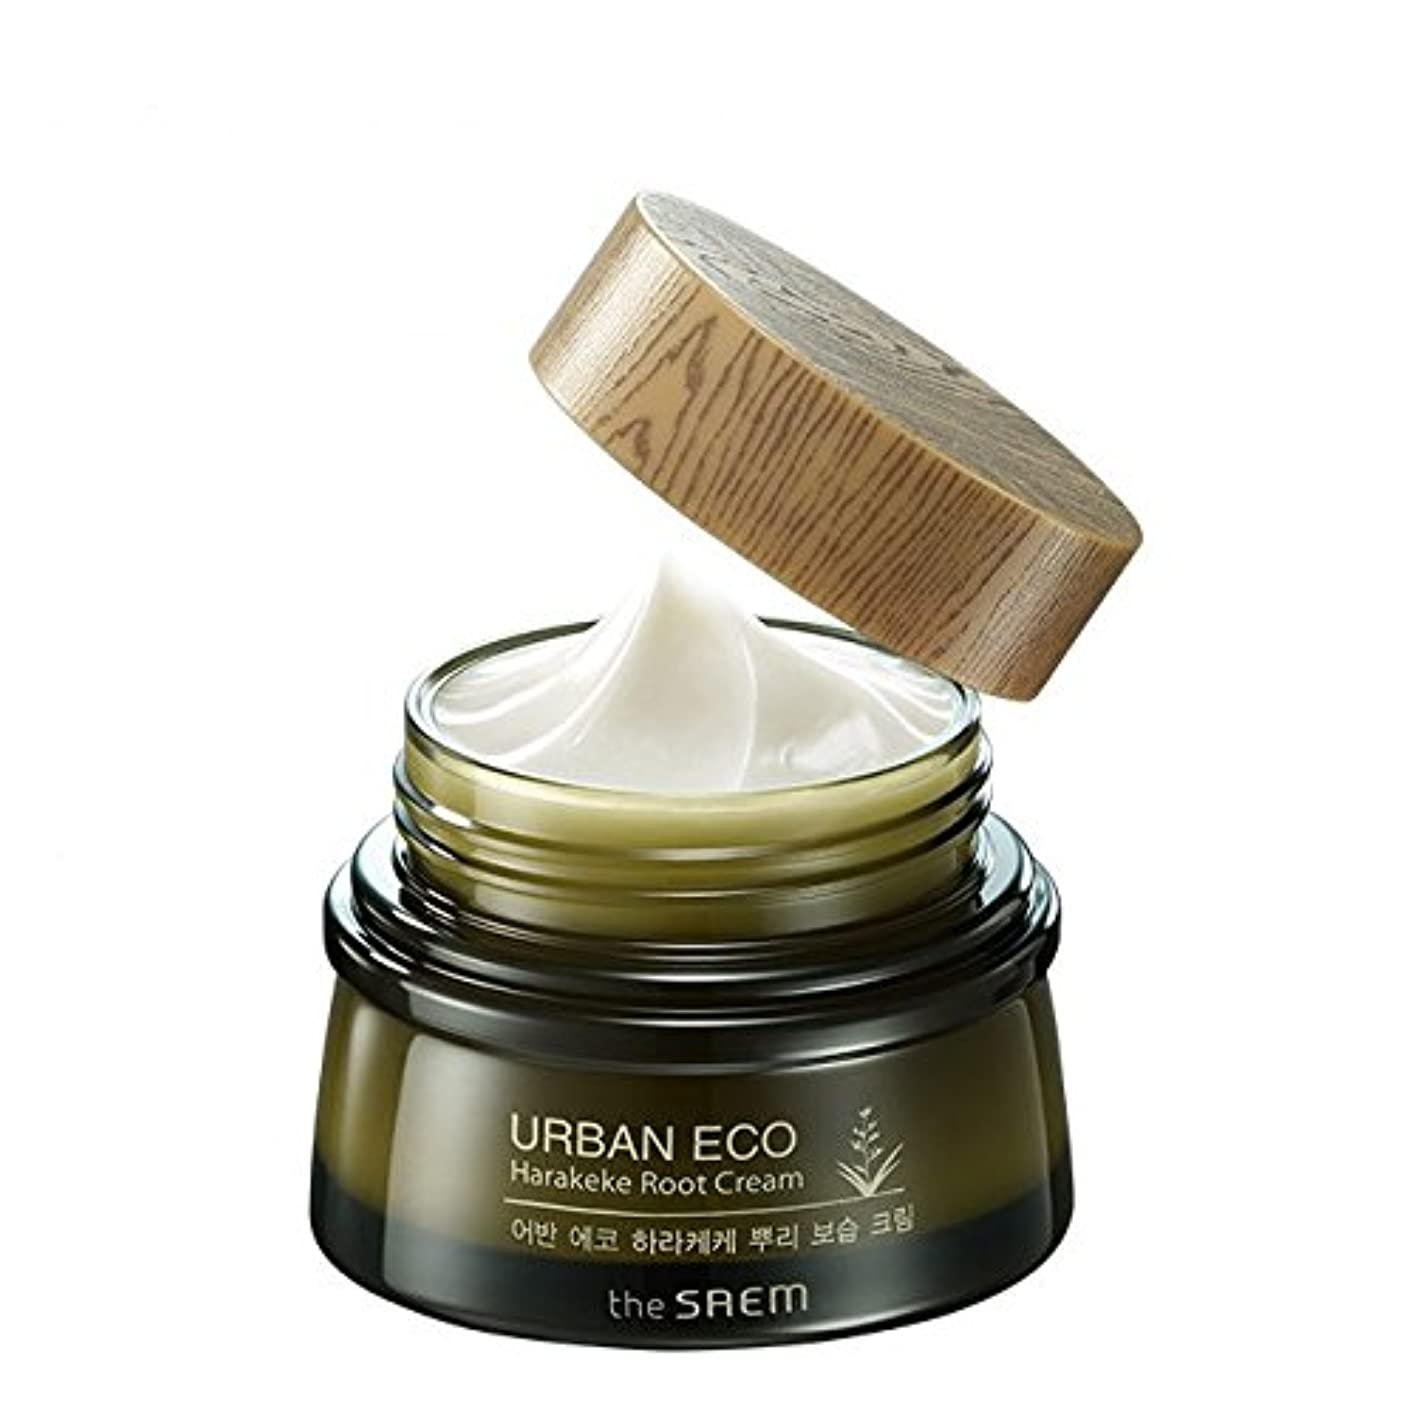 鉄バー音声学[ザセム] The Saem [アーバンエコ ハラケケ 根保湿クリーム60ml (The Saem Urban Eco Harakeke Root Cream60ml)